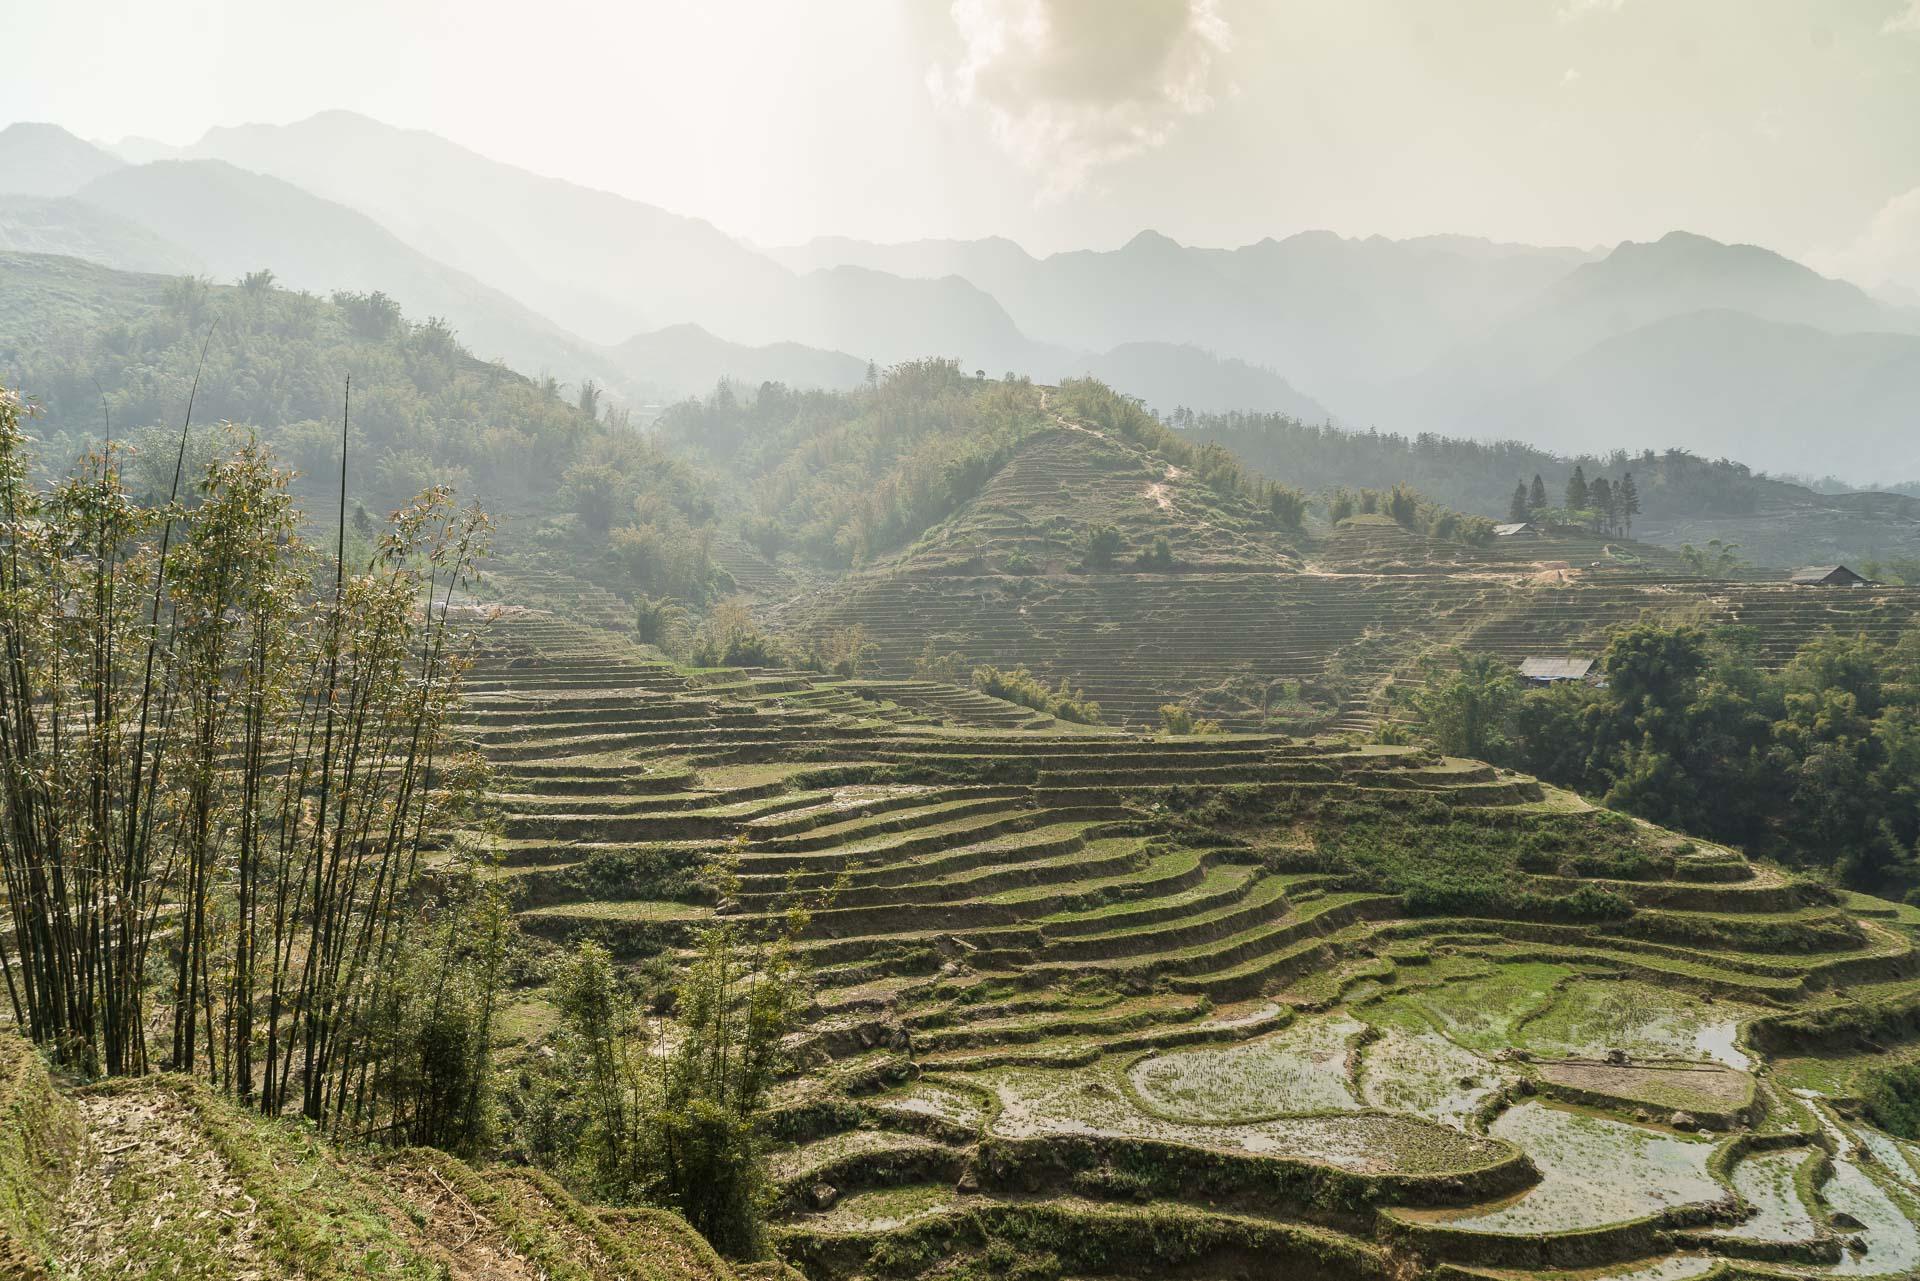 lesvoyageuses-trek-sapa-minorites-ethniques-itineraire-vietnam-11